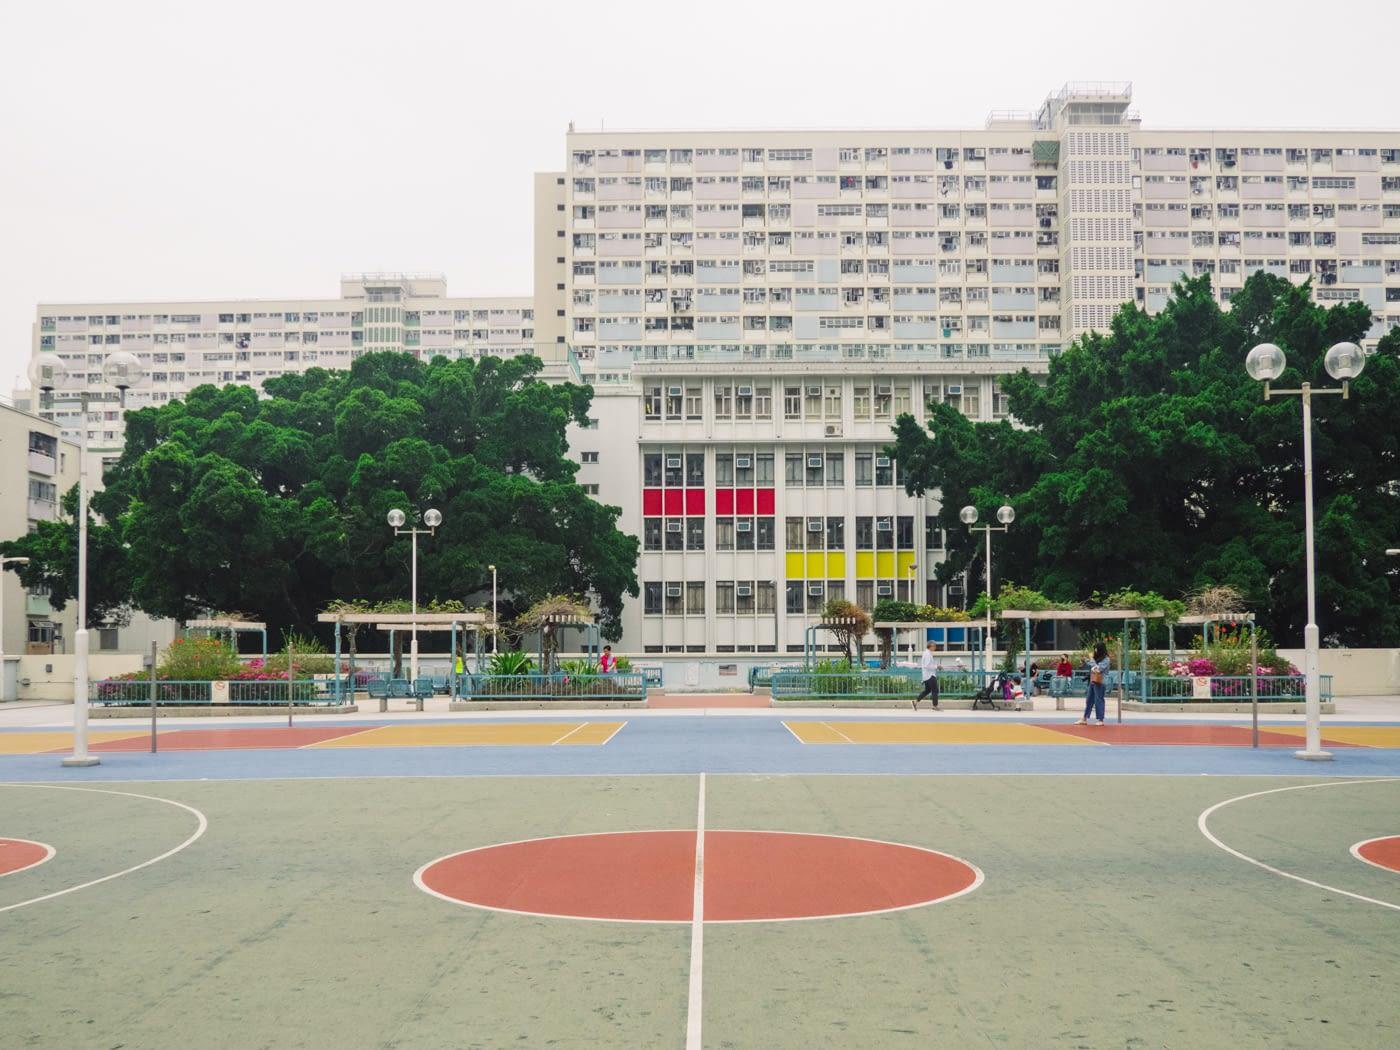 Hong Kong - Rainbow Estate - Basketball court